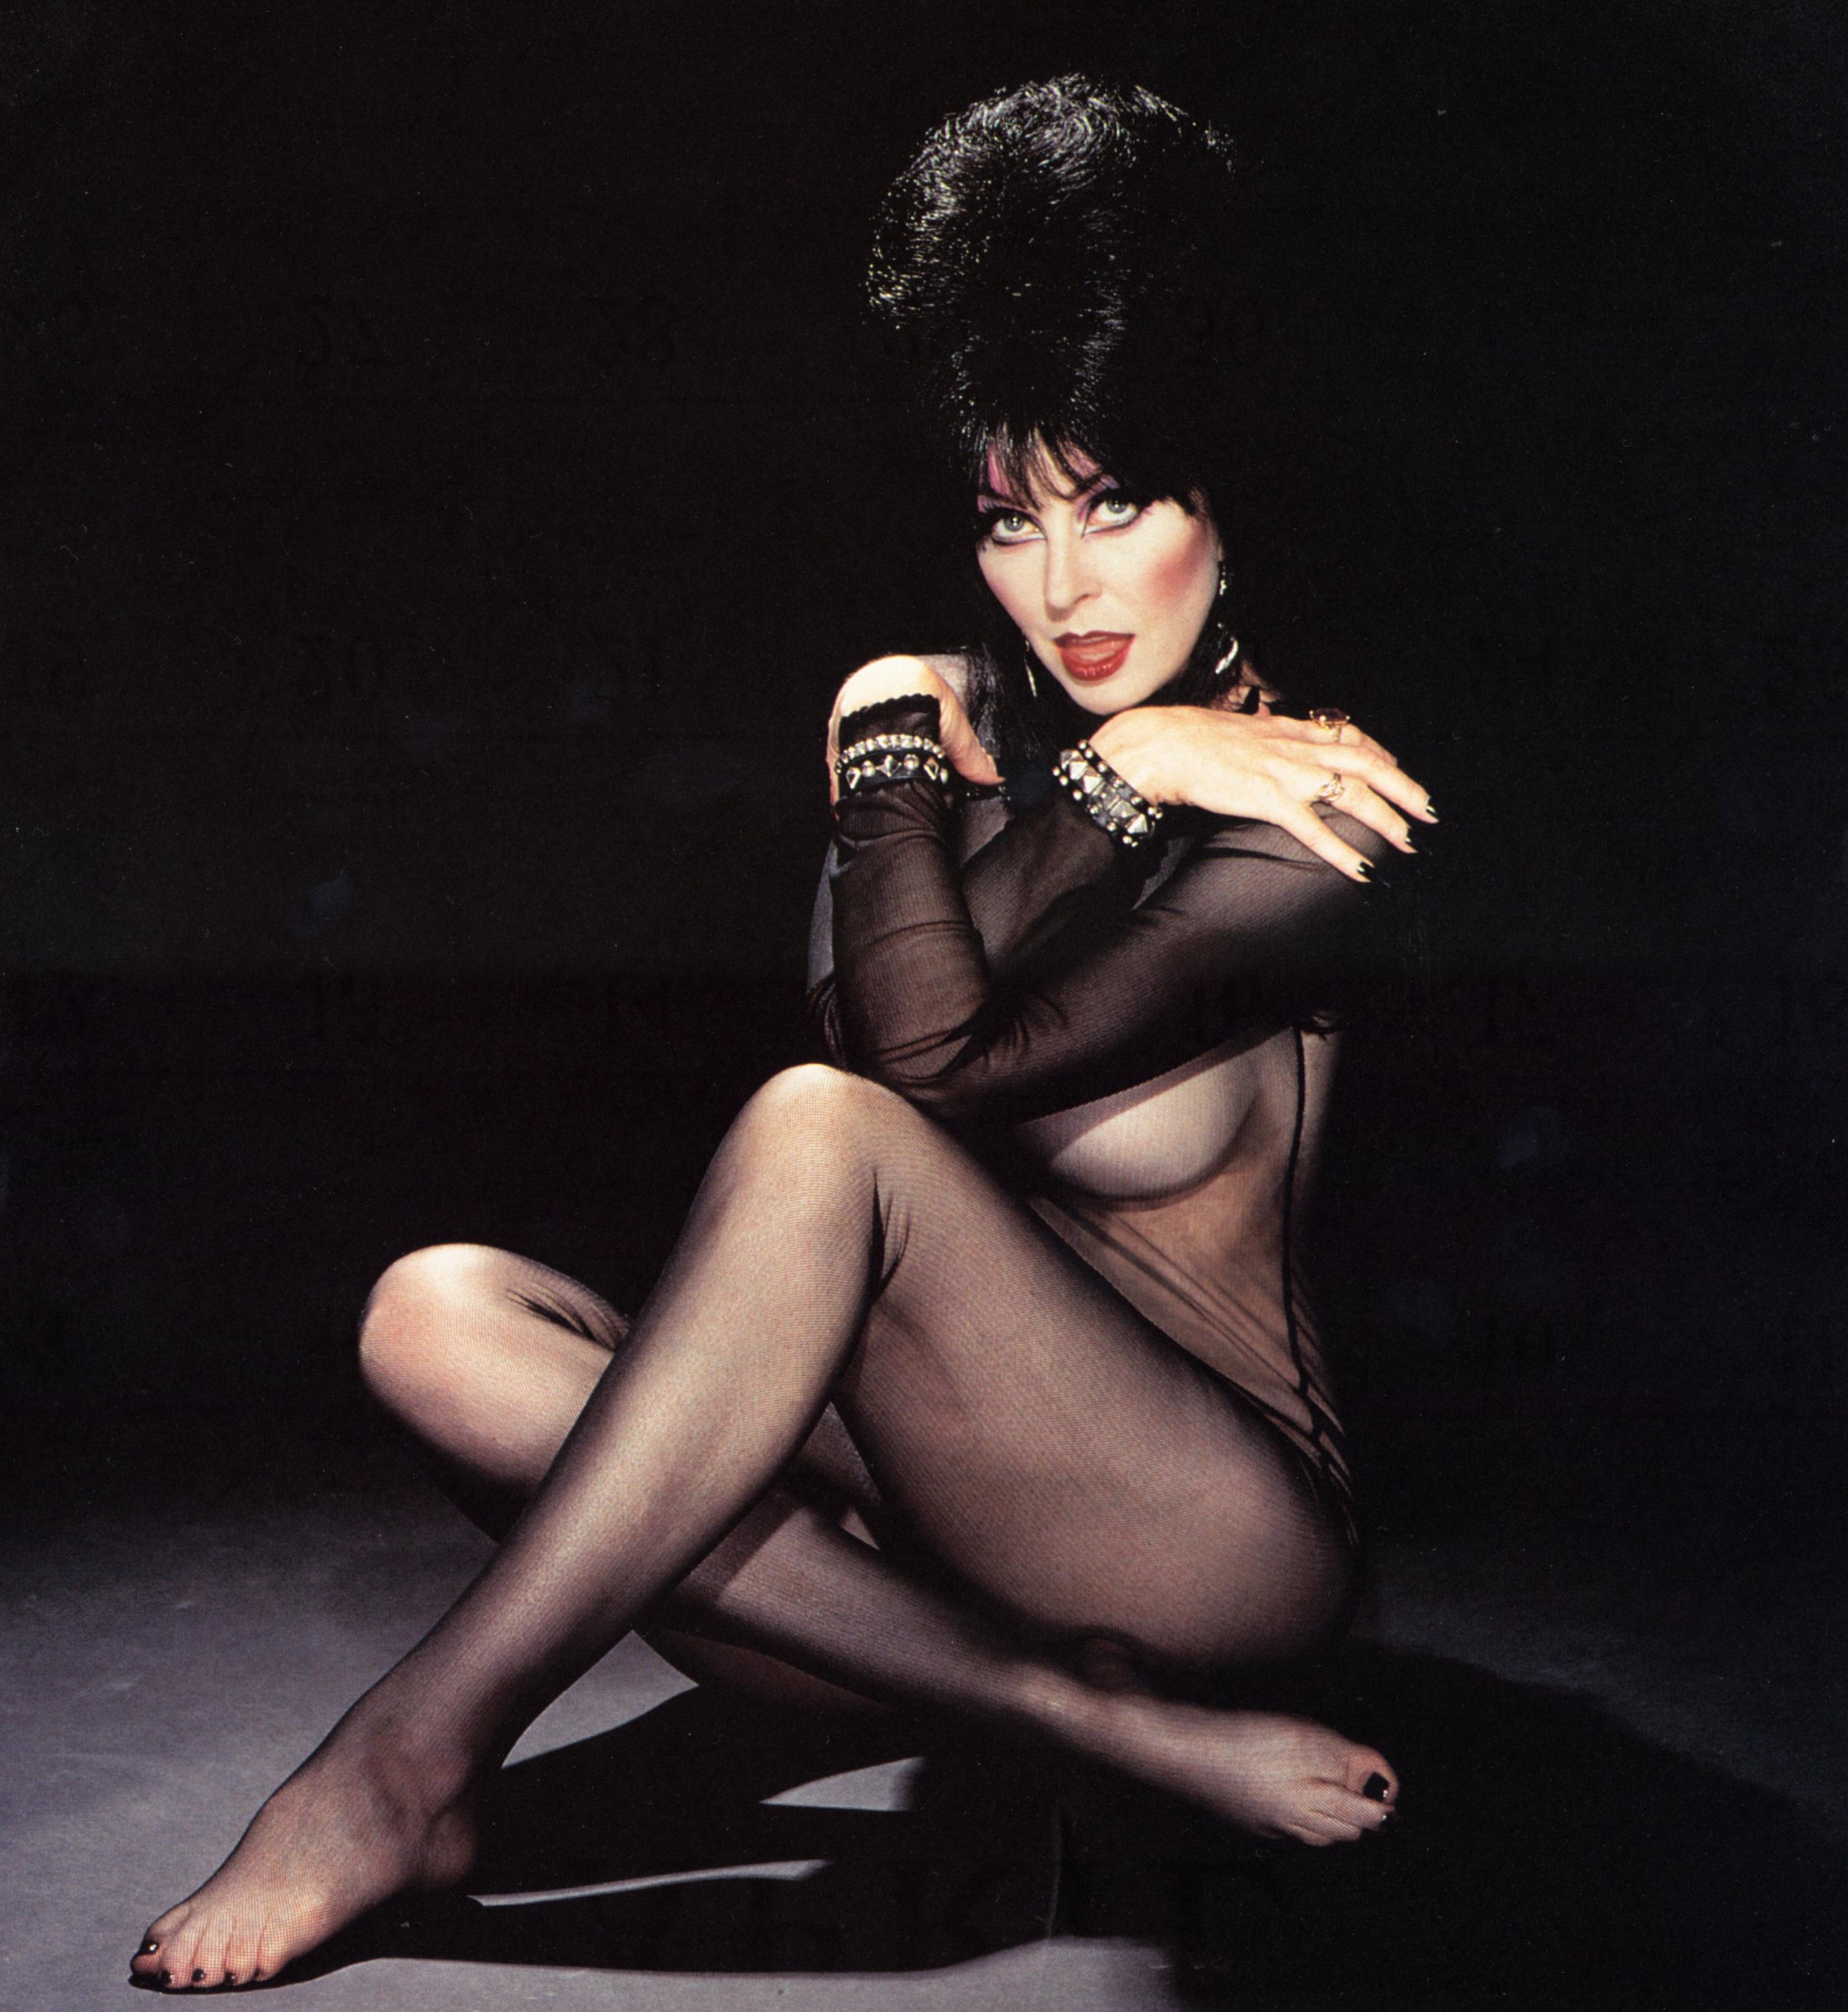 Elvira Cassandra Peterson Nude Pics Free